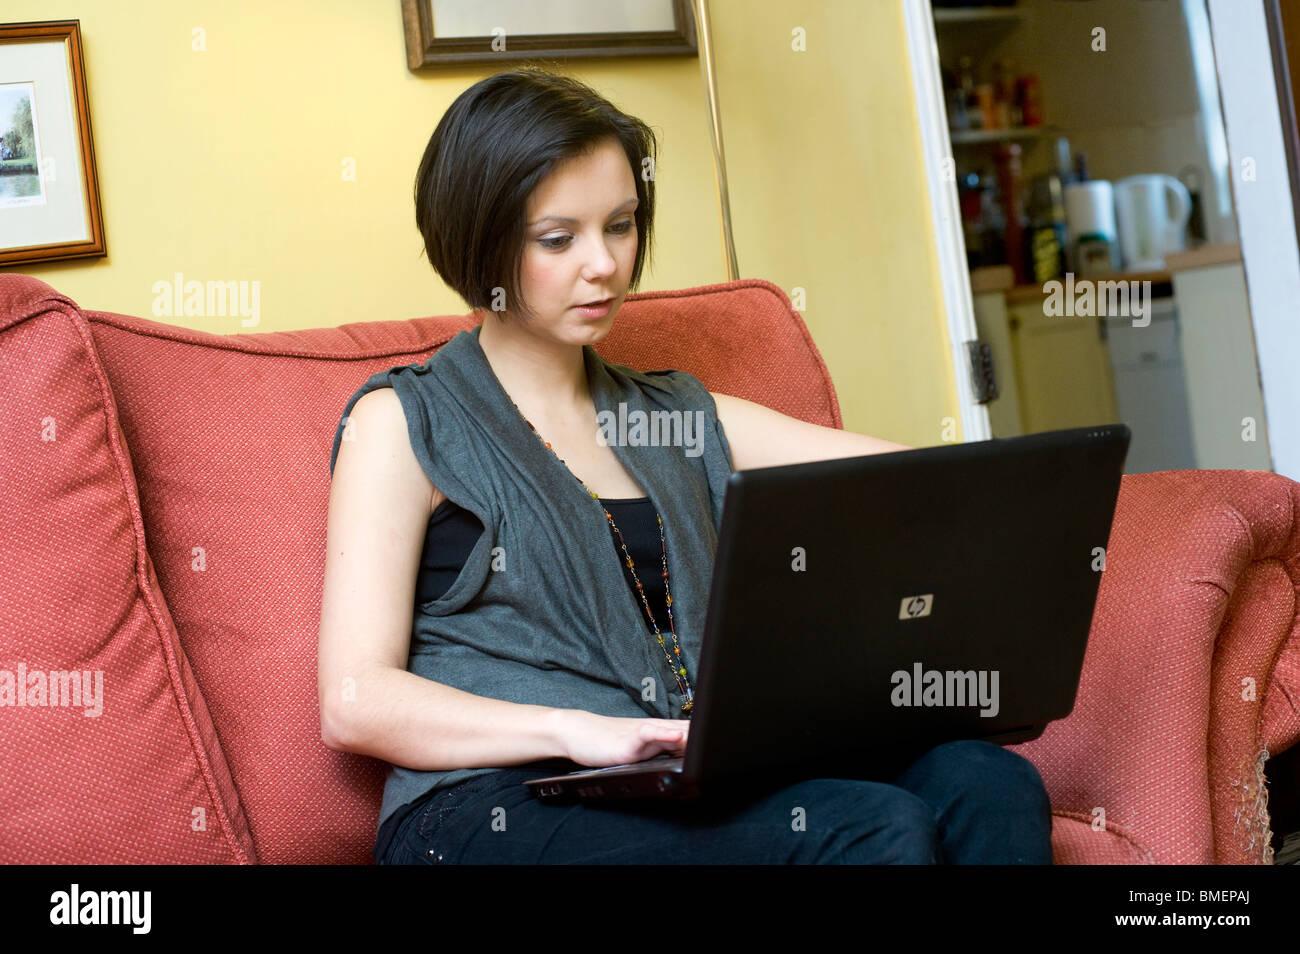 23f1900b410 Mujer joven con un ordenador portátil a una red inalámbrica para navegar  por internet en el